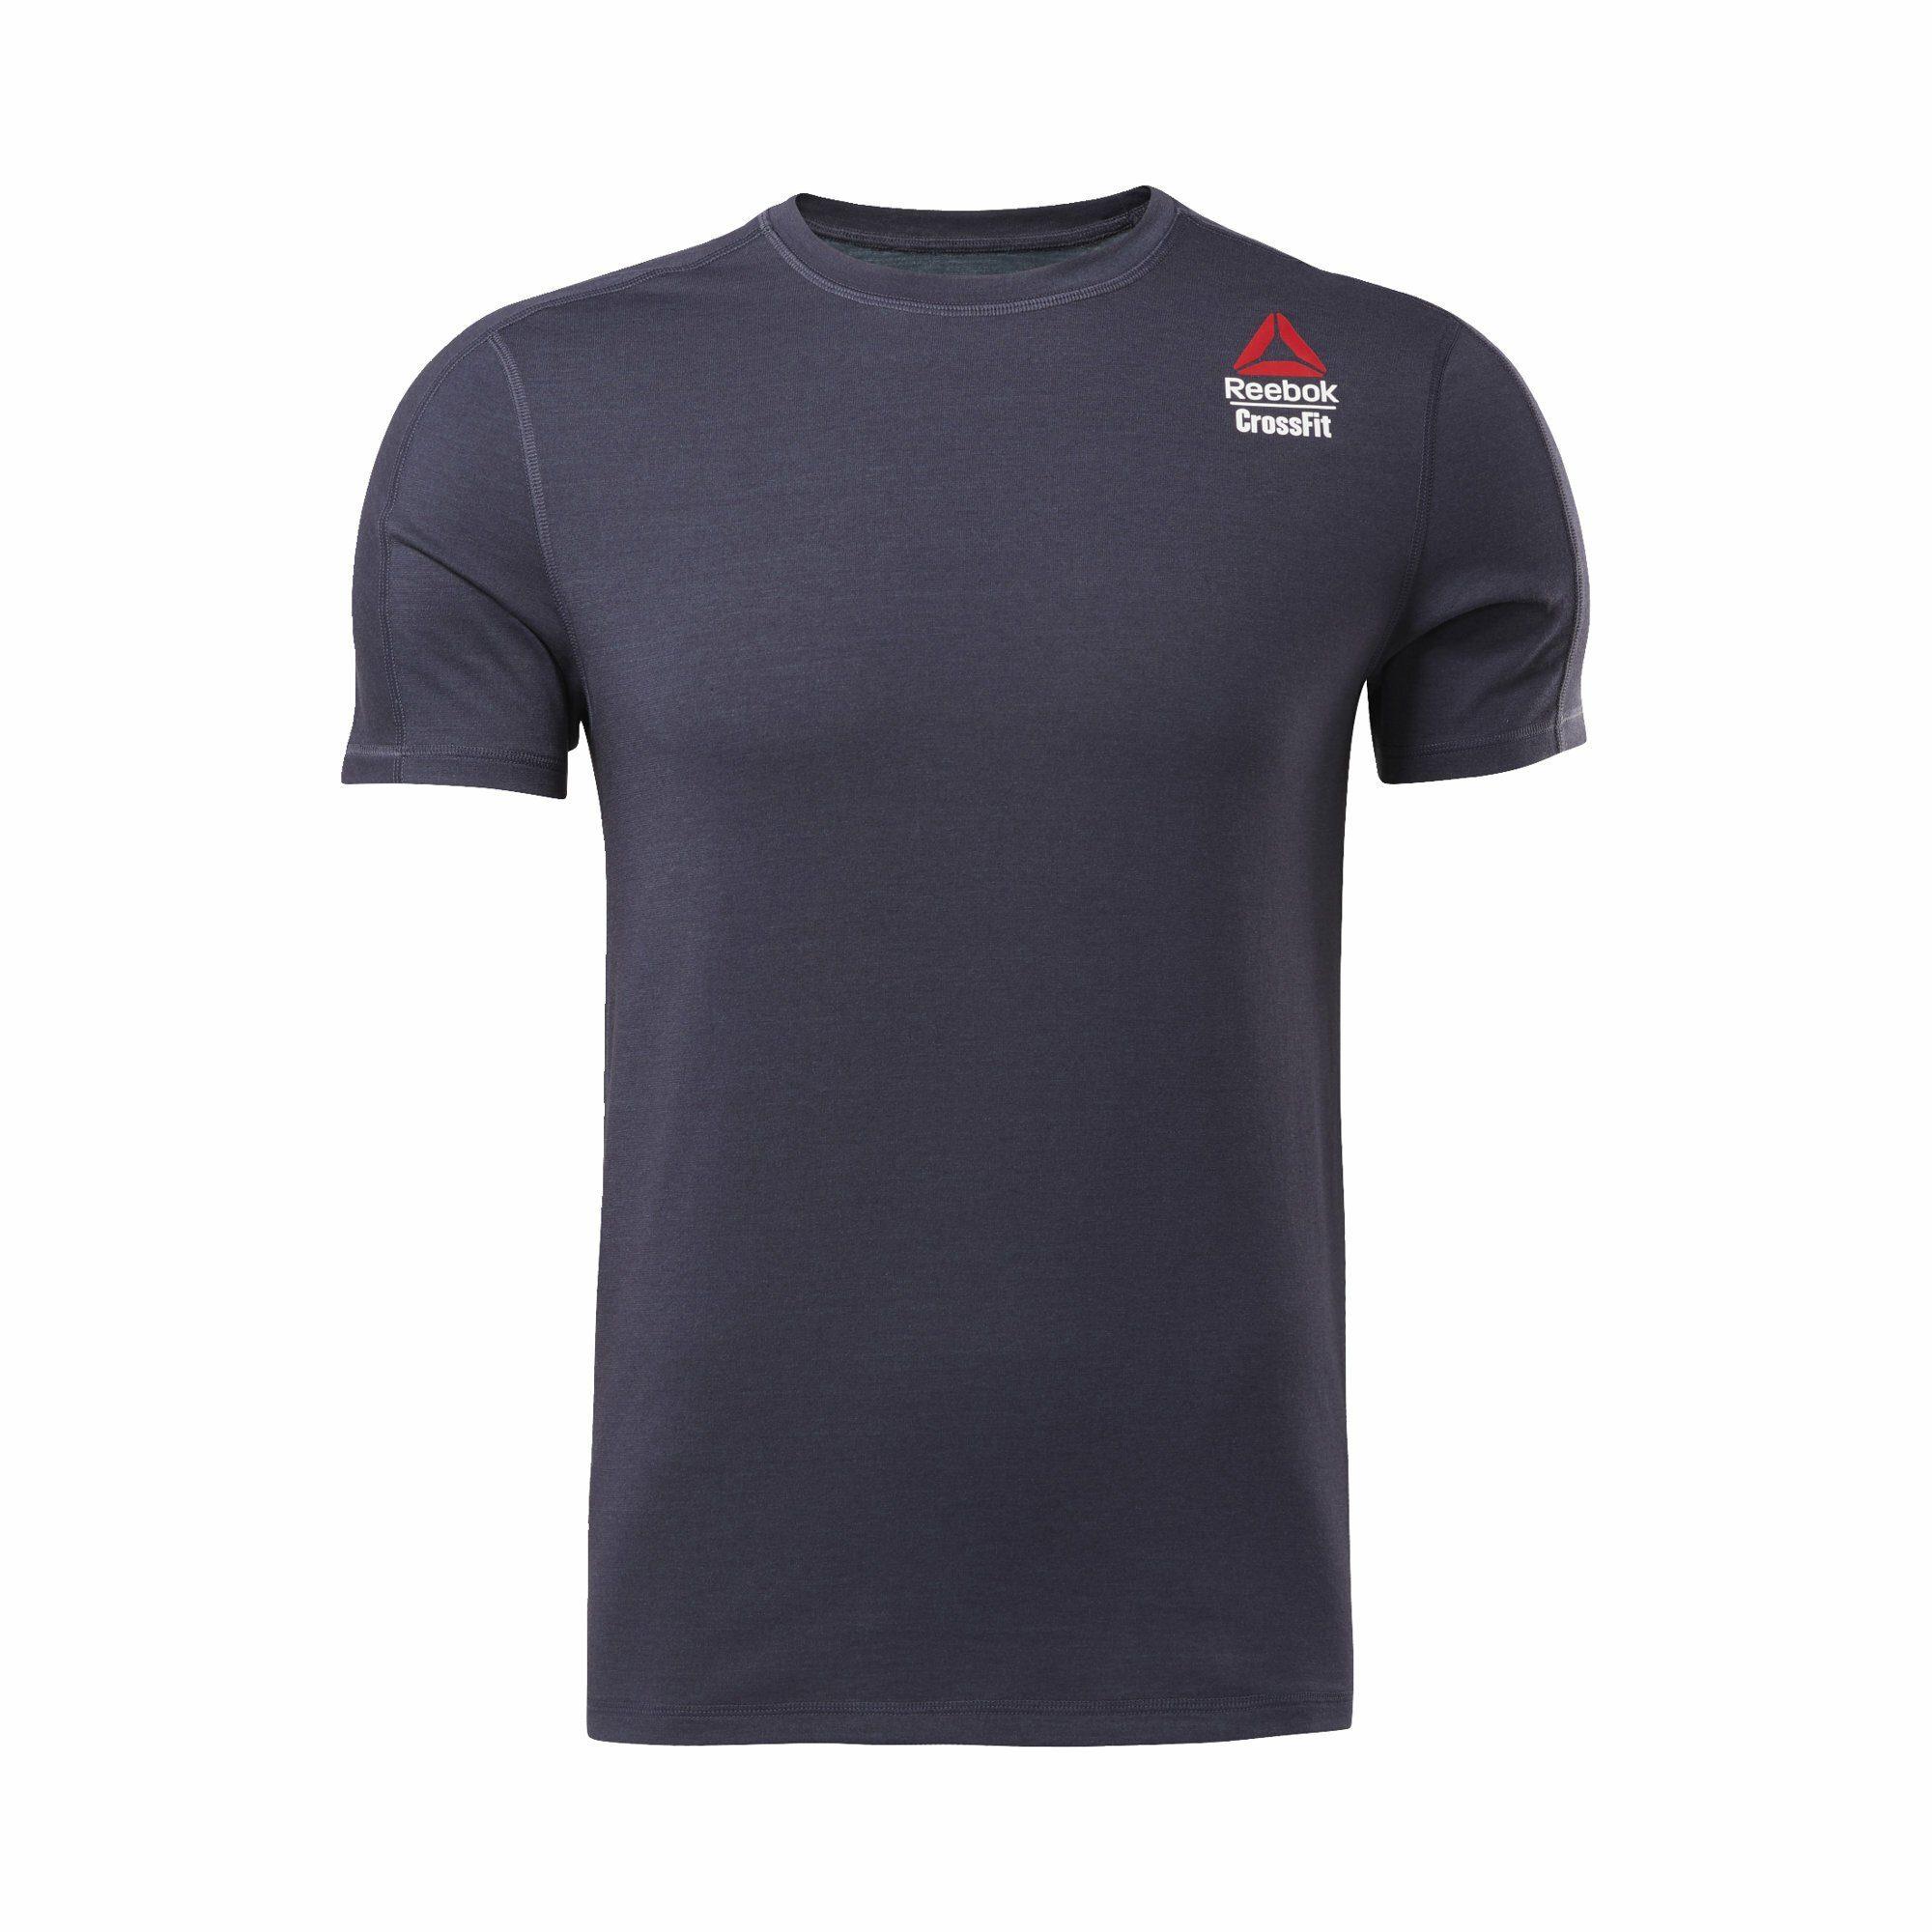 Reebok T Shirt »Reebok CrossFit® Games ACTIVCHILL Tee«, Single Jersey aus 44 % Nylon 36 % Polyester 20 % Baumwol online kaufen | OTTO